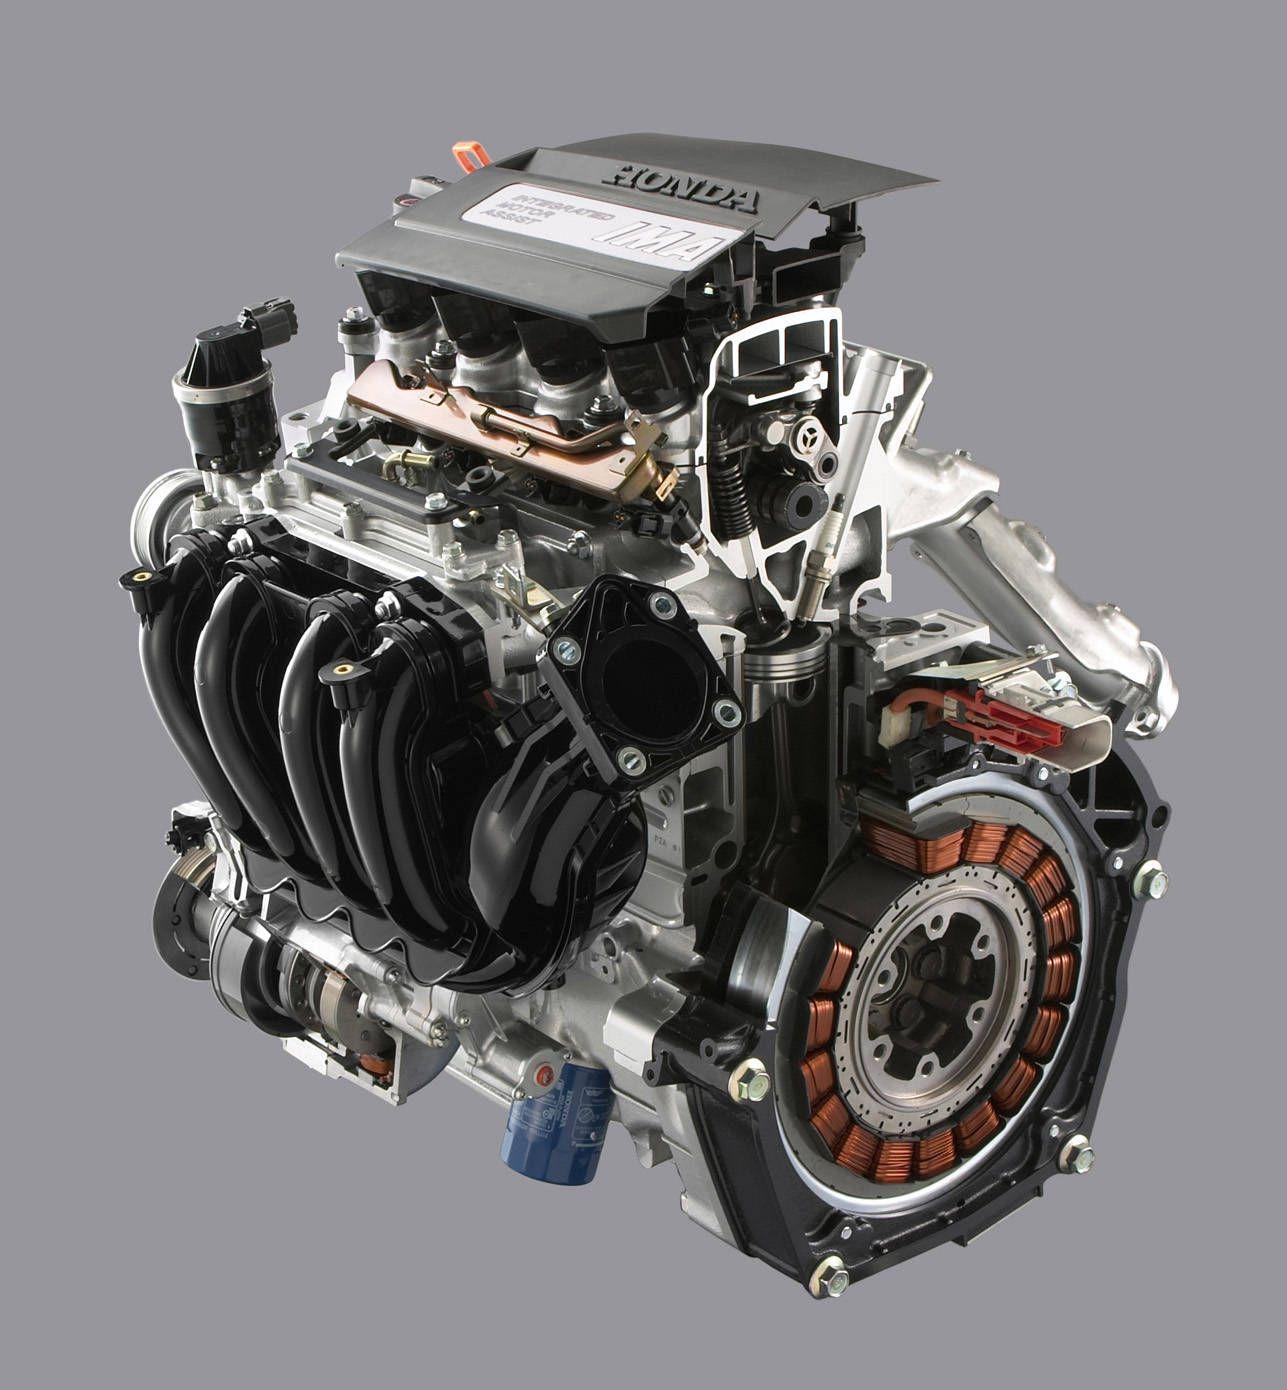 2008 honda civic hybrid motor and engine hybrid car honda civic rh pinterest com Cartoon Car Auto Gear Cars